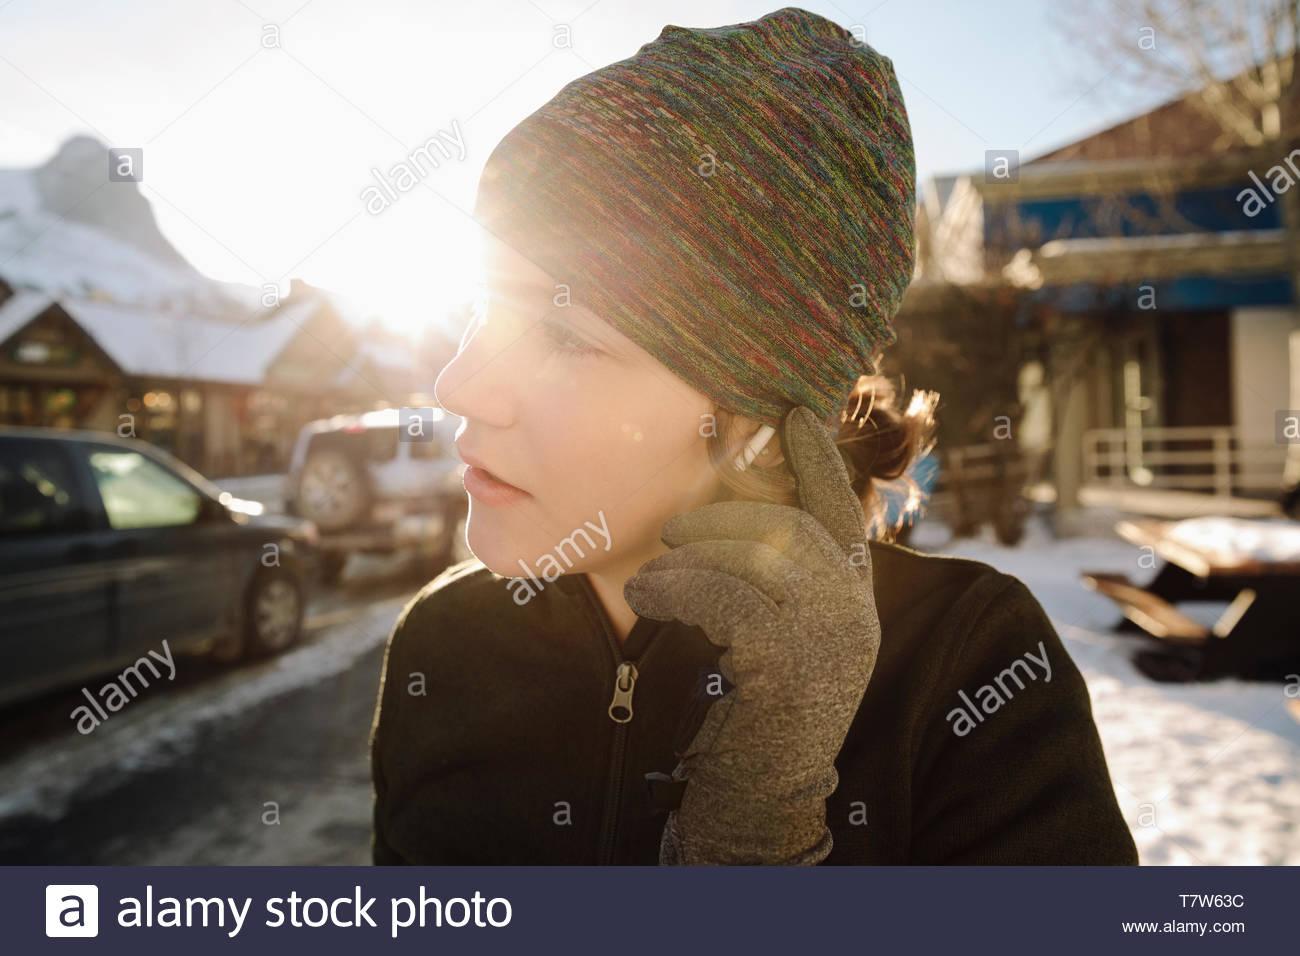 Ragazza adolescente runner cuffie di regolazione sul soleggiato, snowy marciapiede Immagini Stock